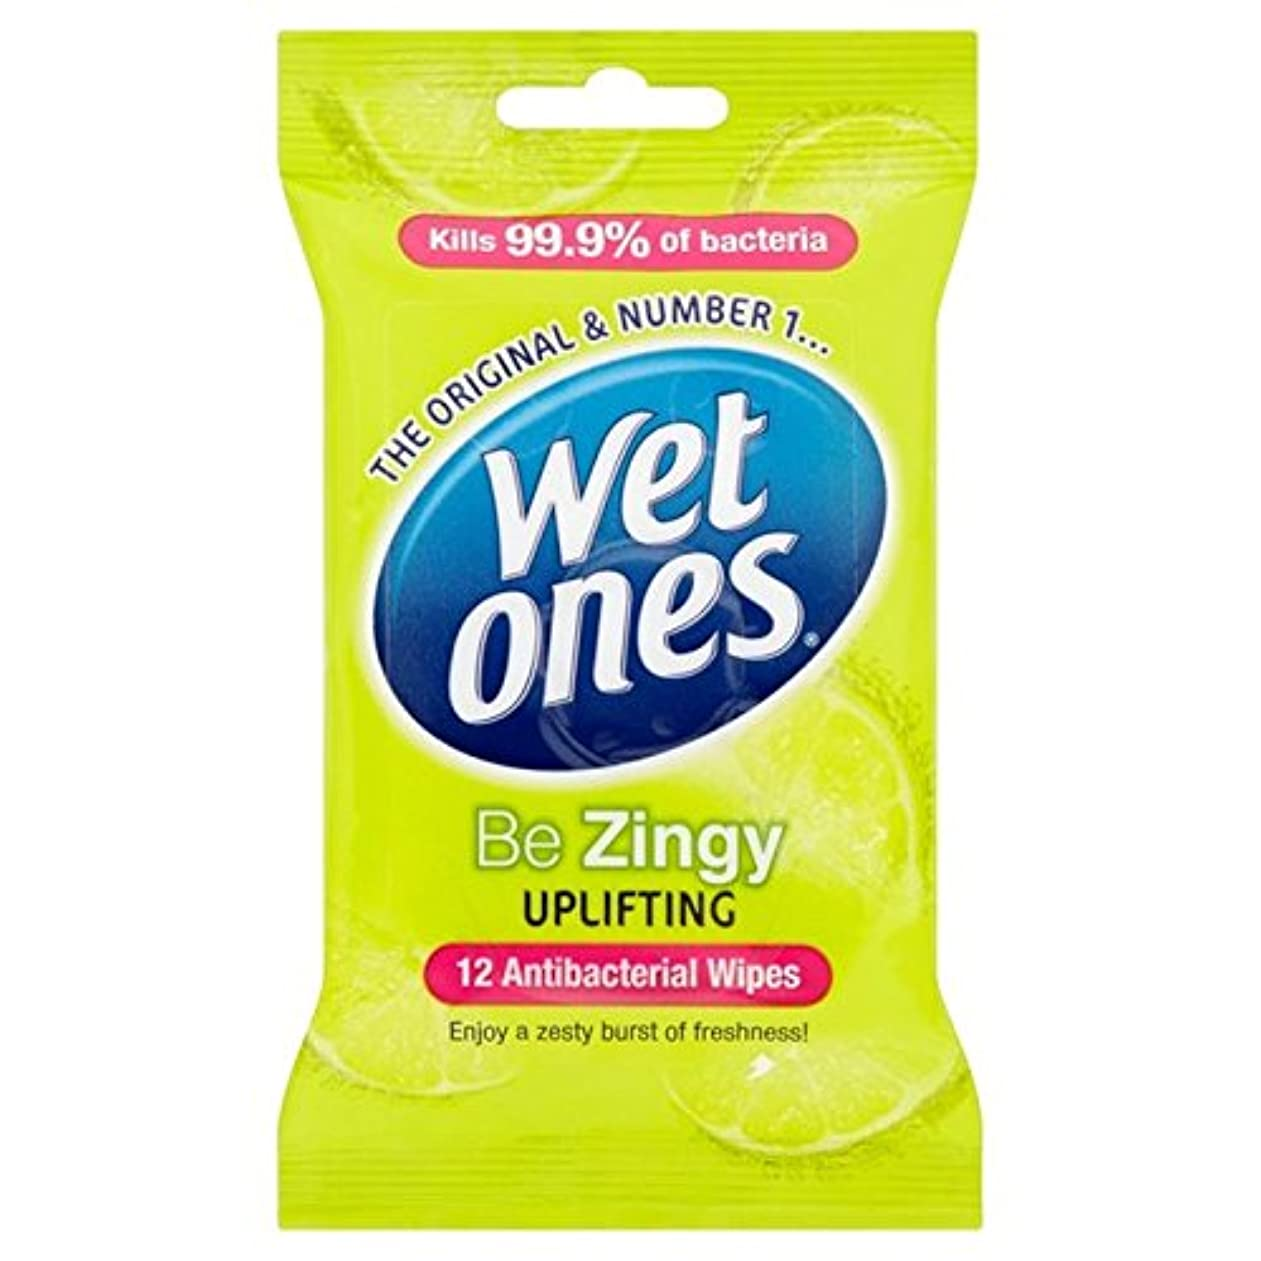 活気づく詩人乗って抗バクテリアをクレンジング湿ったものはパックごとに12ワイプ x2 - Wet Ones Cleansing Anti Bacterial Wipes 12 per pack (Pack of 2) [並行輸入品]